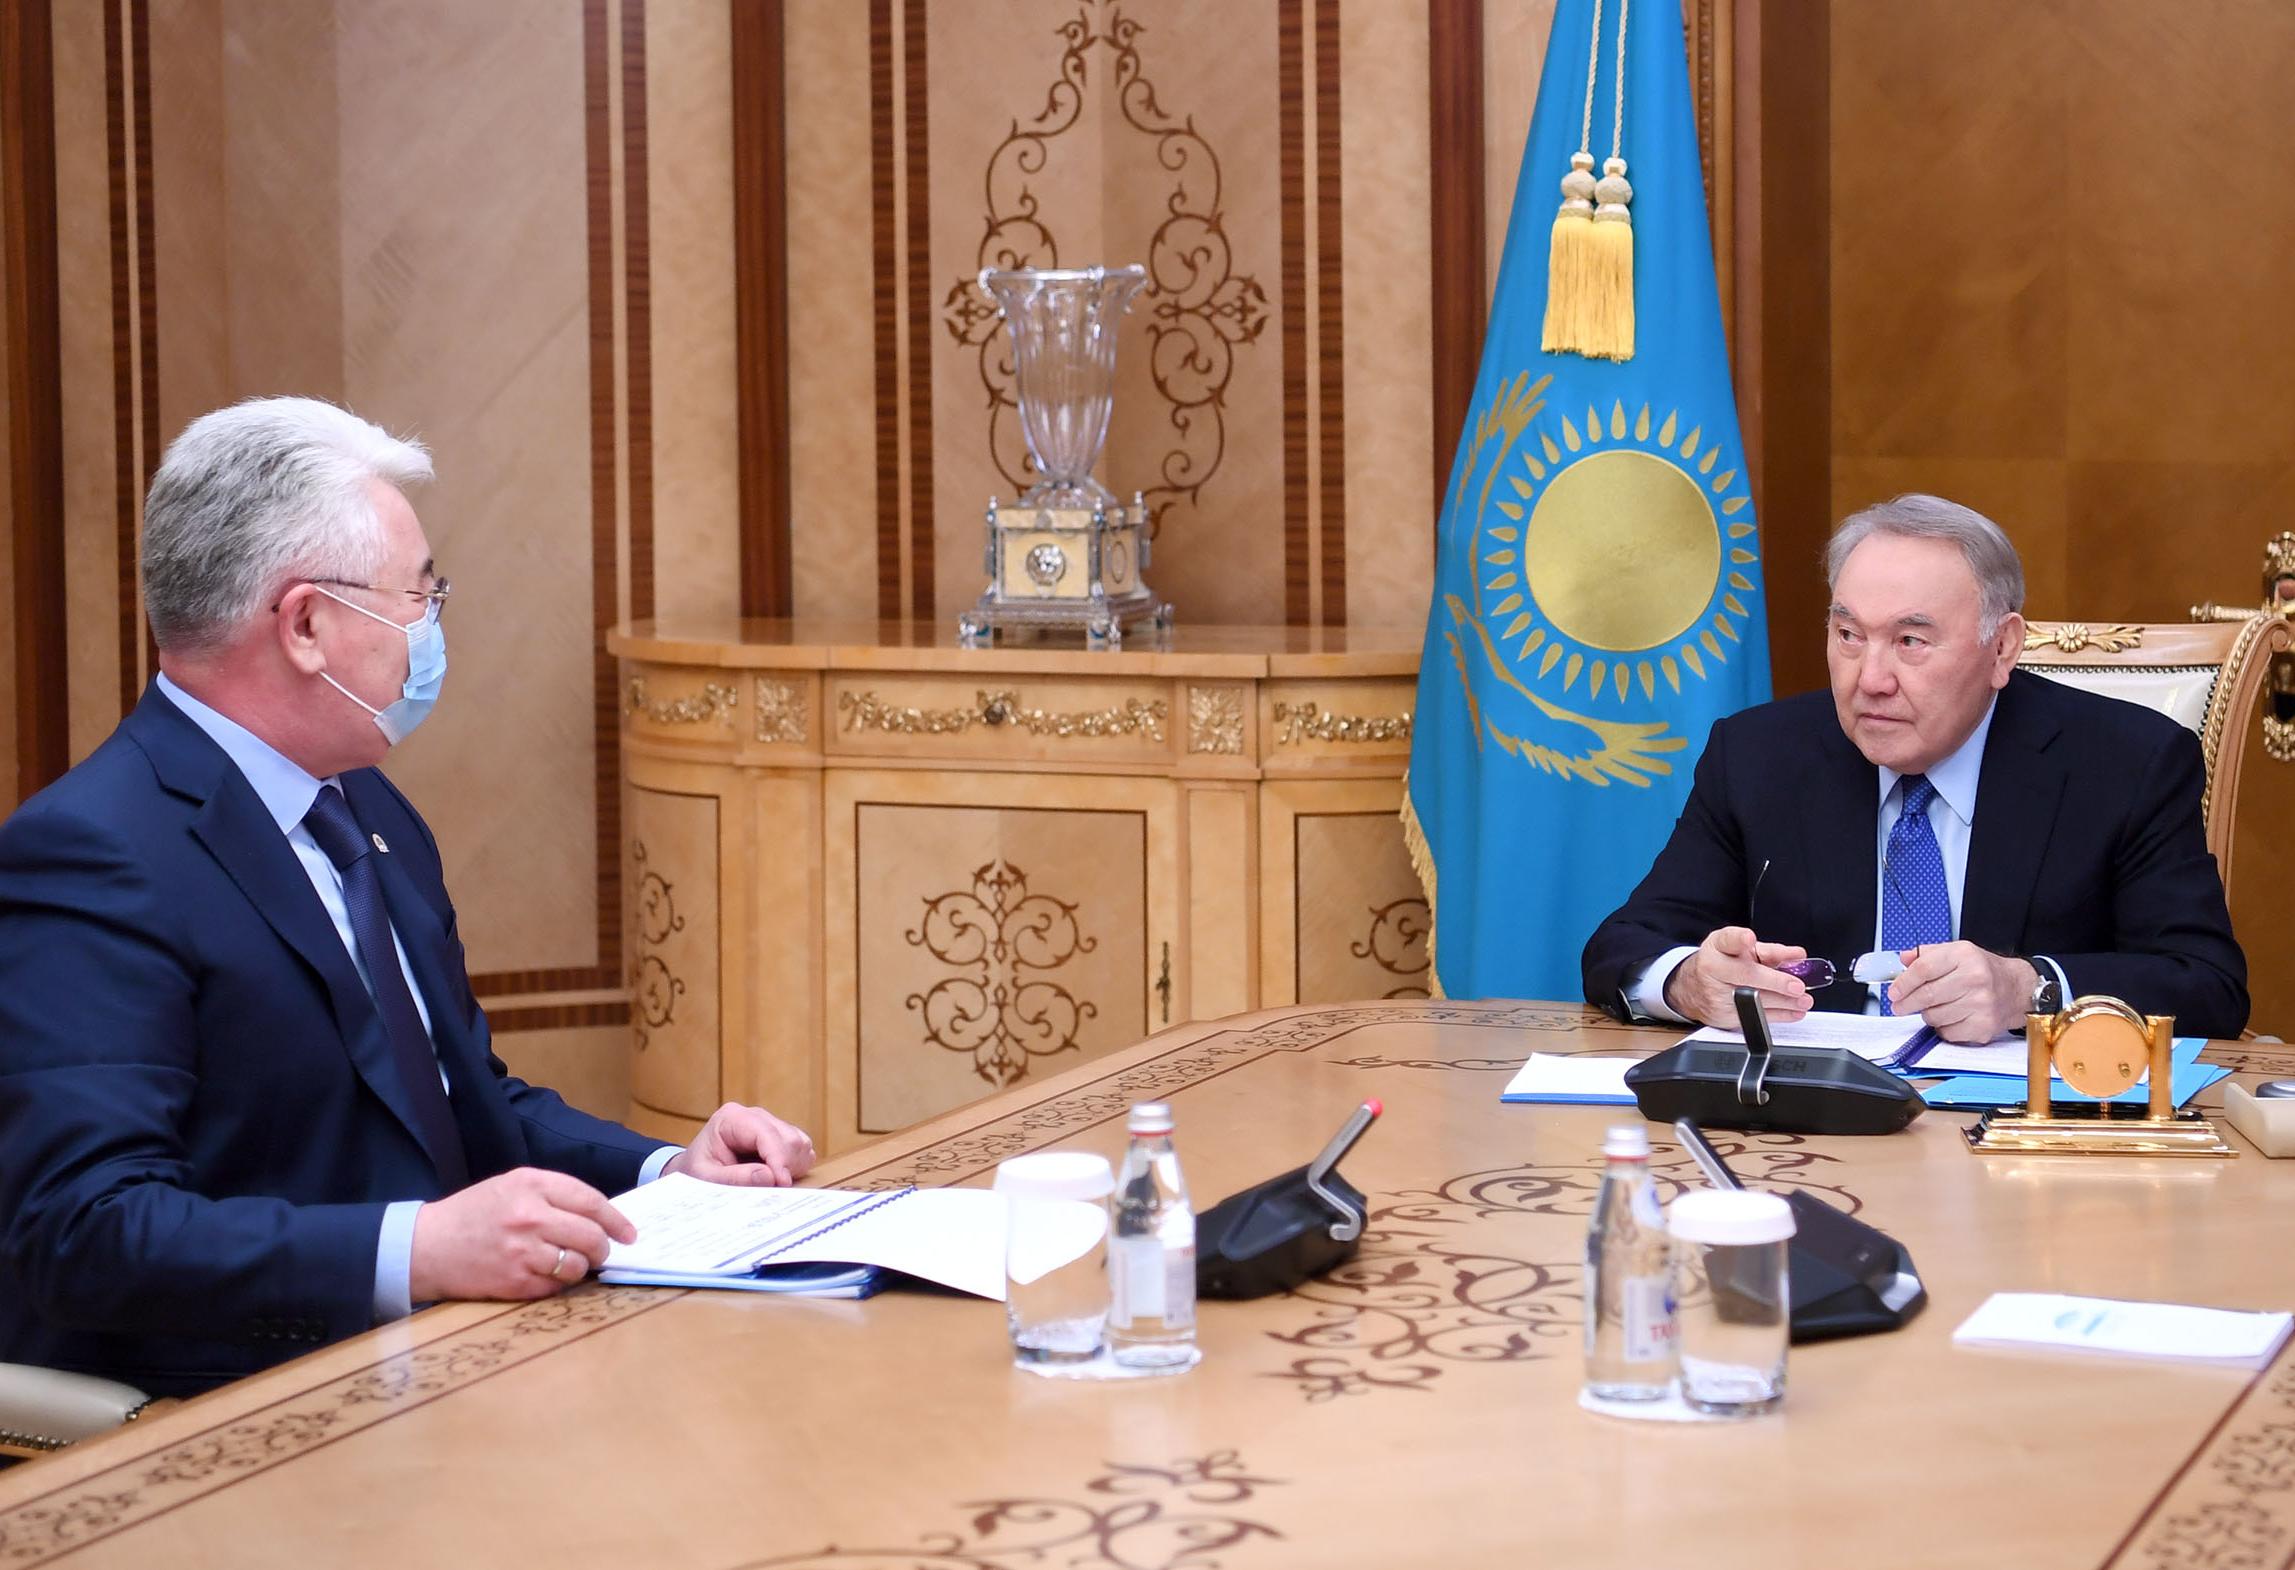 Глава мининдустрии проинформировал Нурсултана Назарбаева об итогах развития промышленности